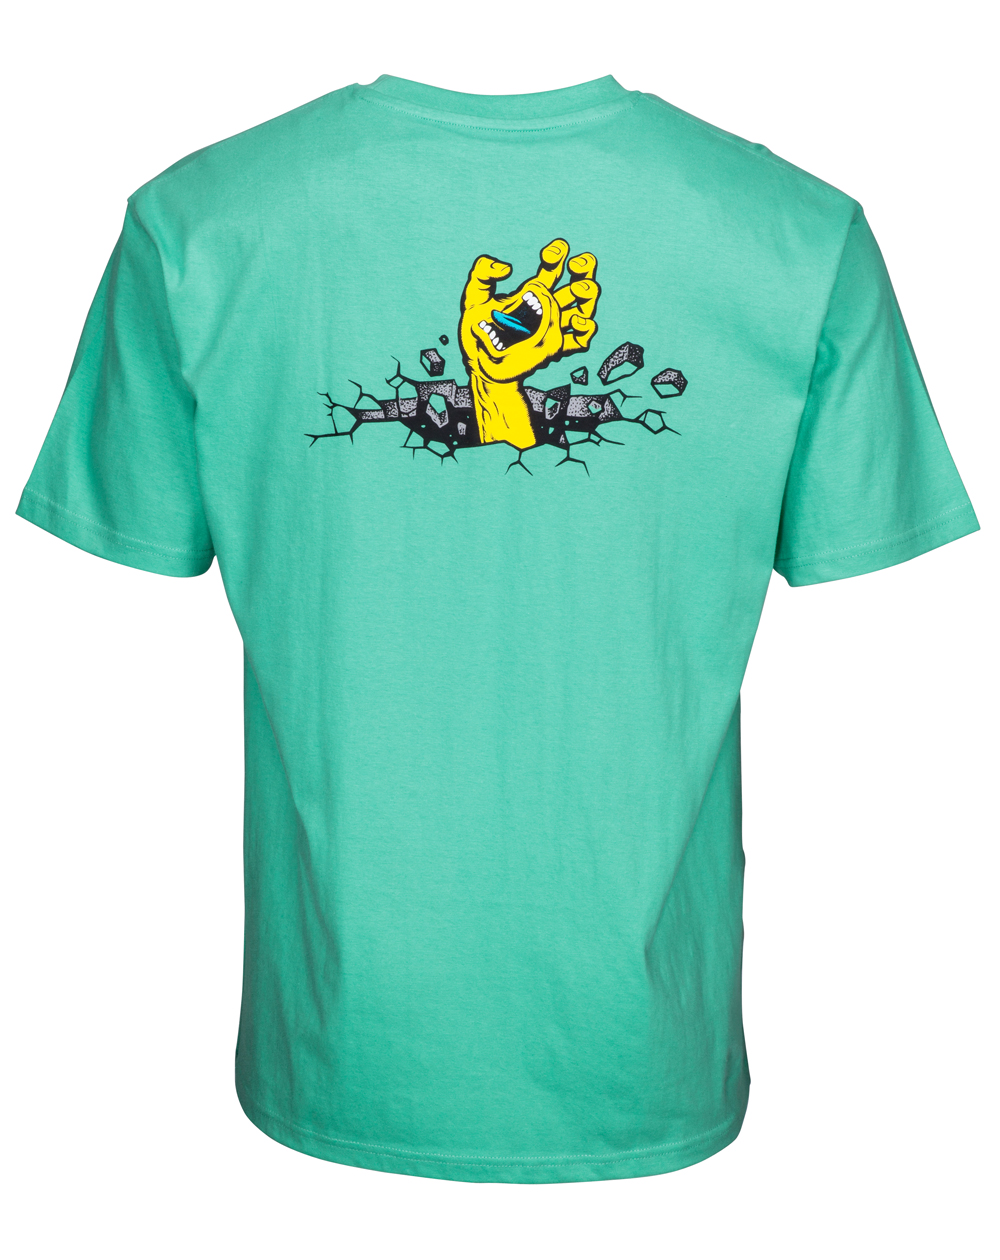 Santa Cruz Herren T-Shirt Hand Wall Spearmint